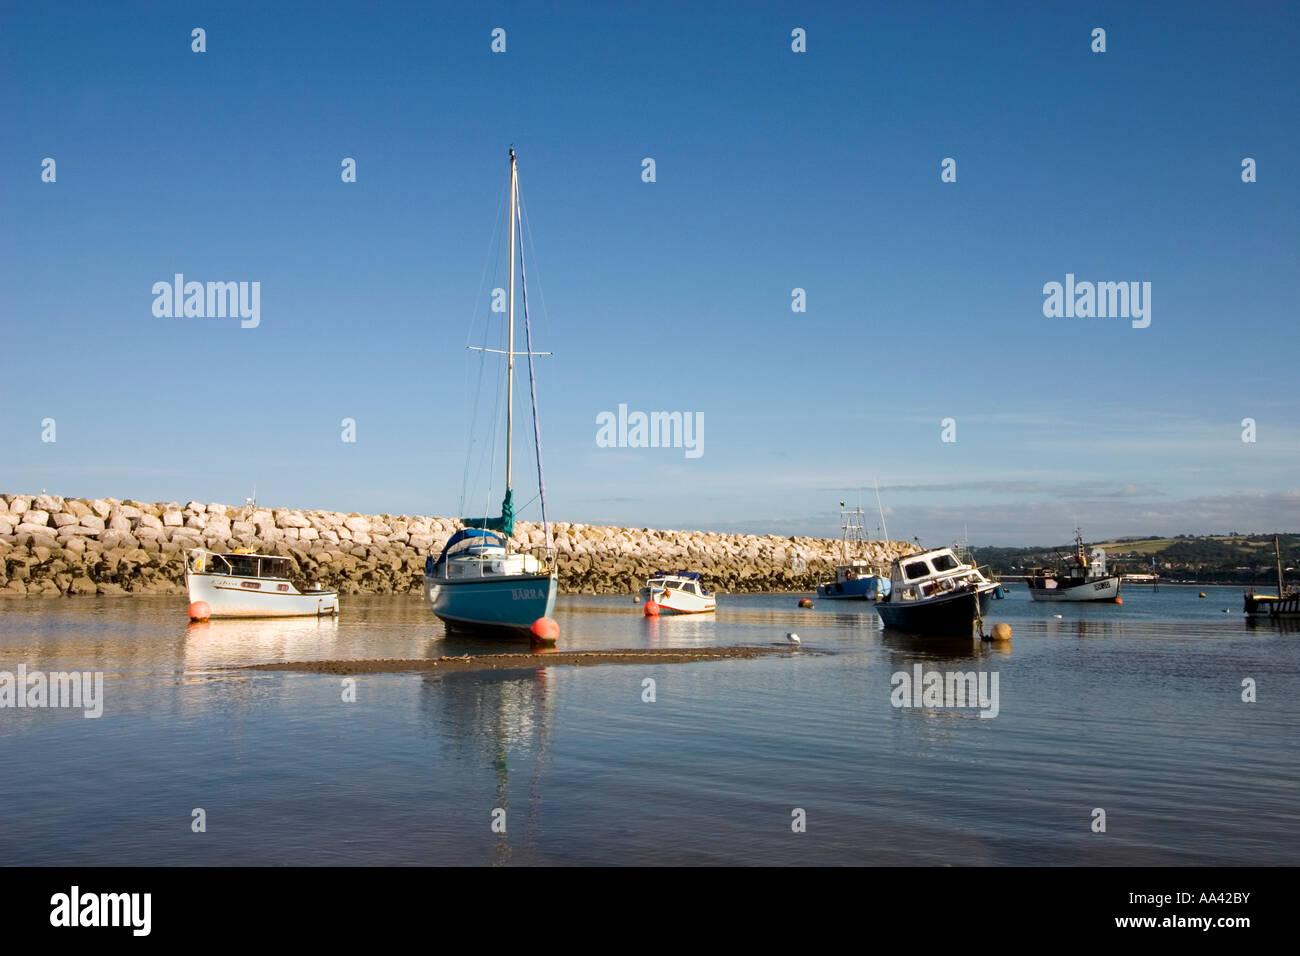 Rhos on Sea - Stock Image